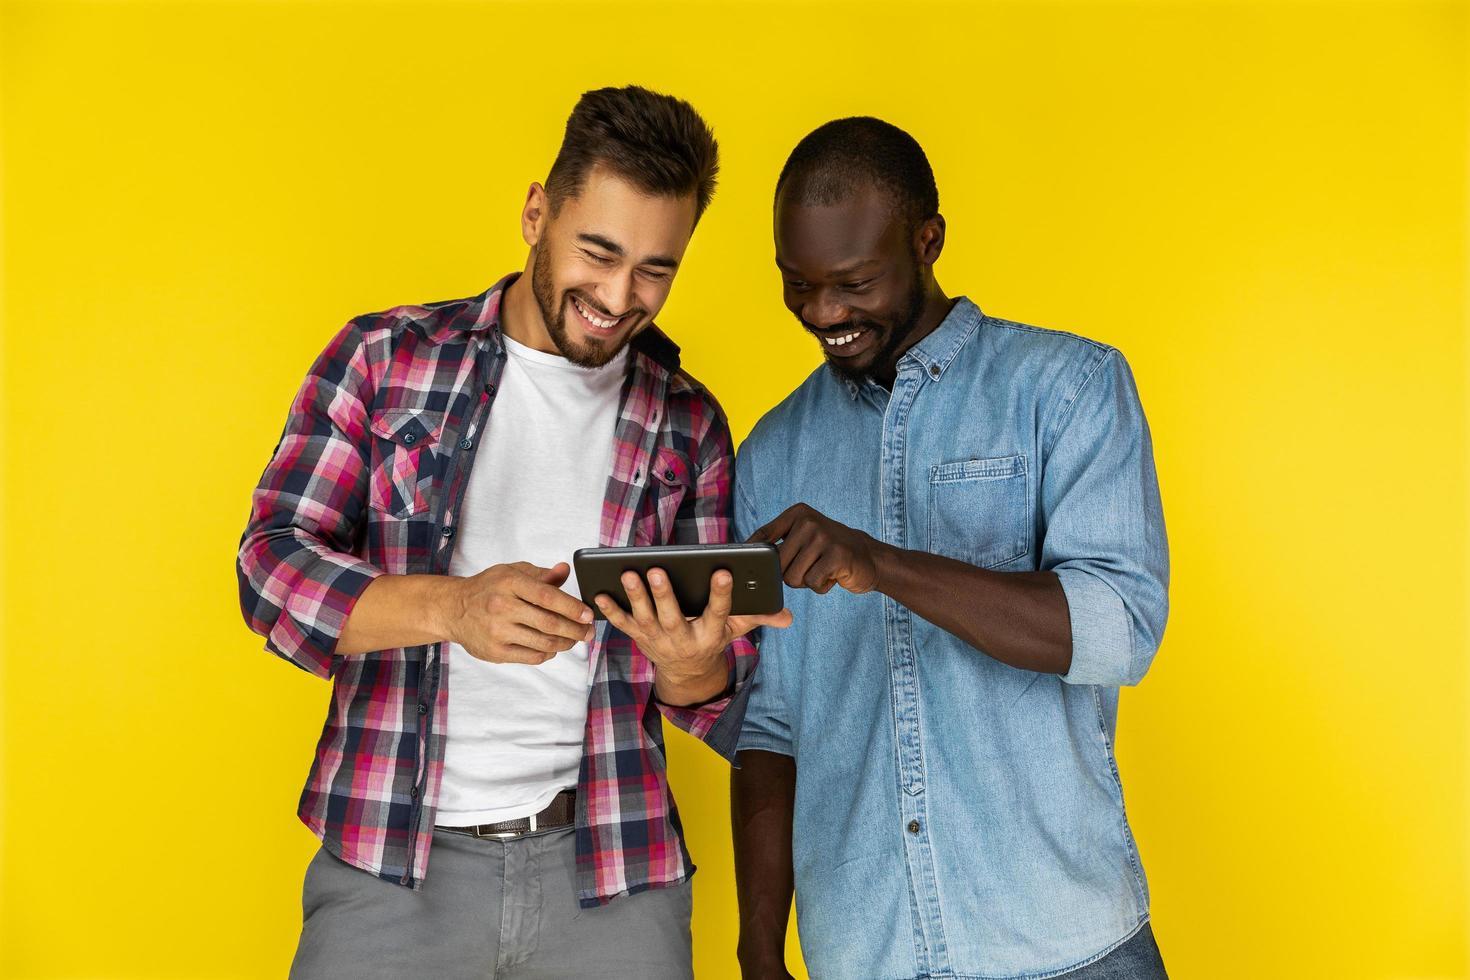 twee mannen die genieten van het bekijken van video's op de tablet foto